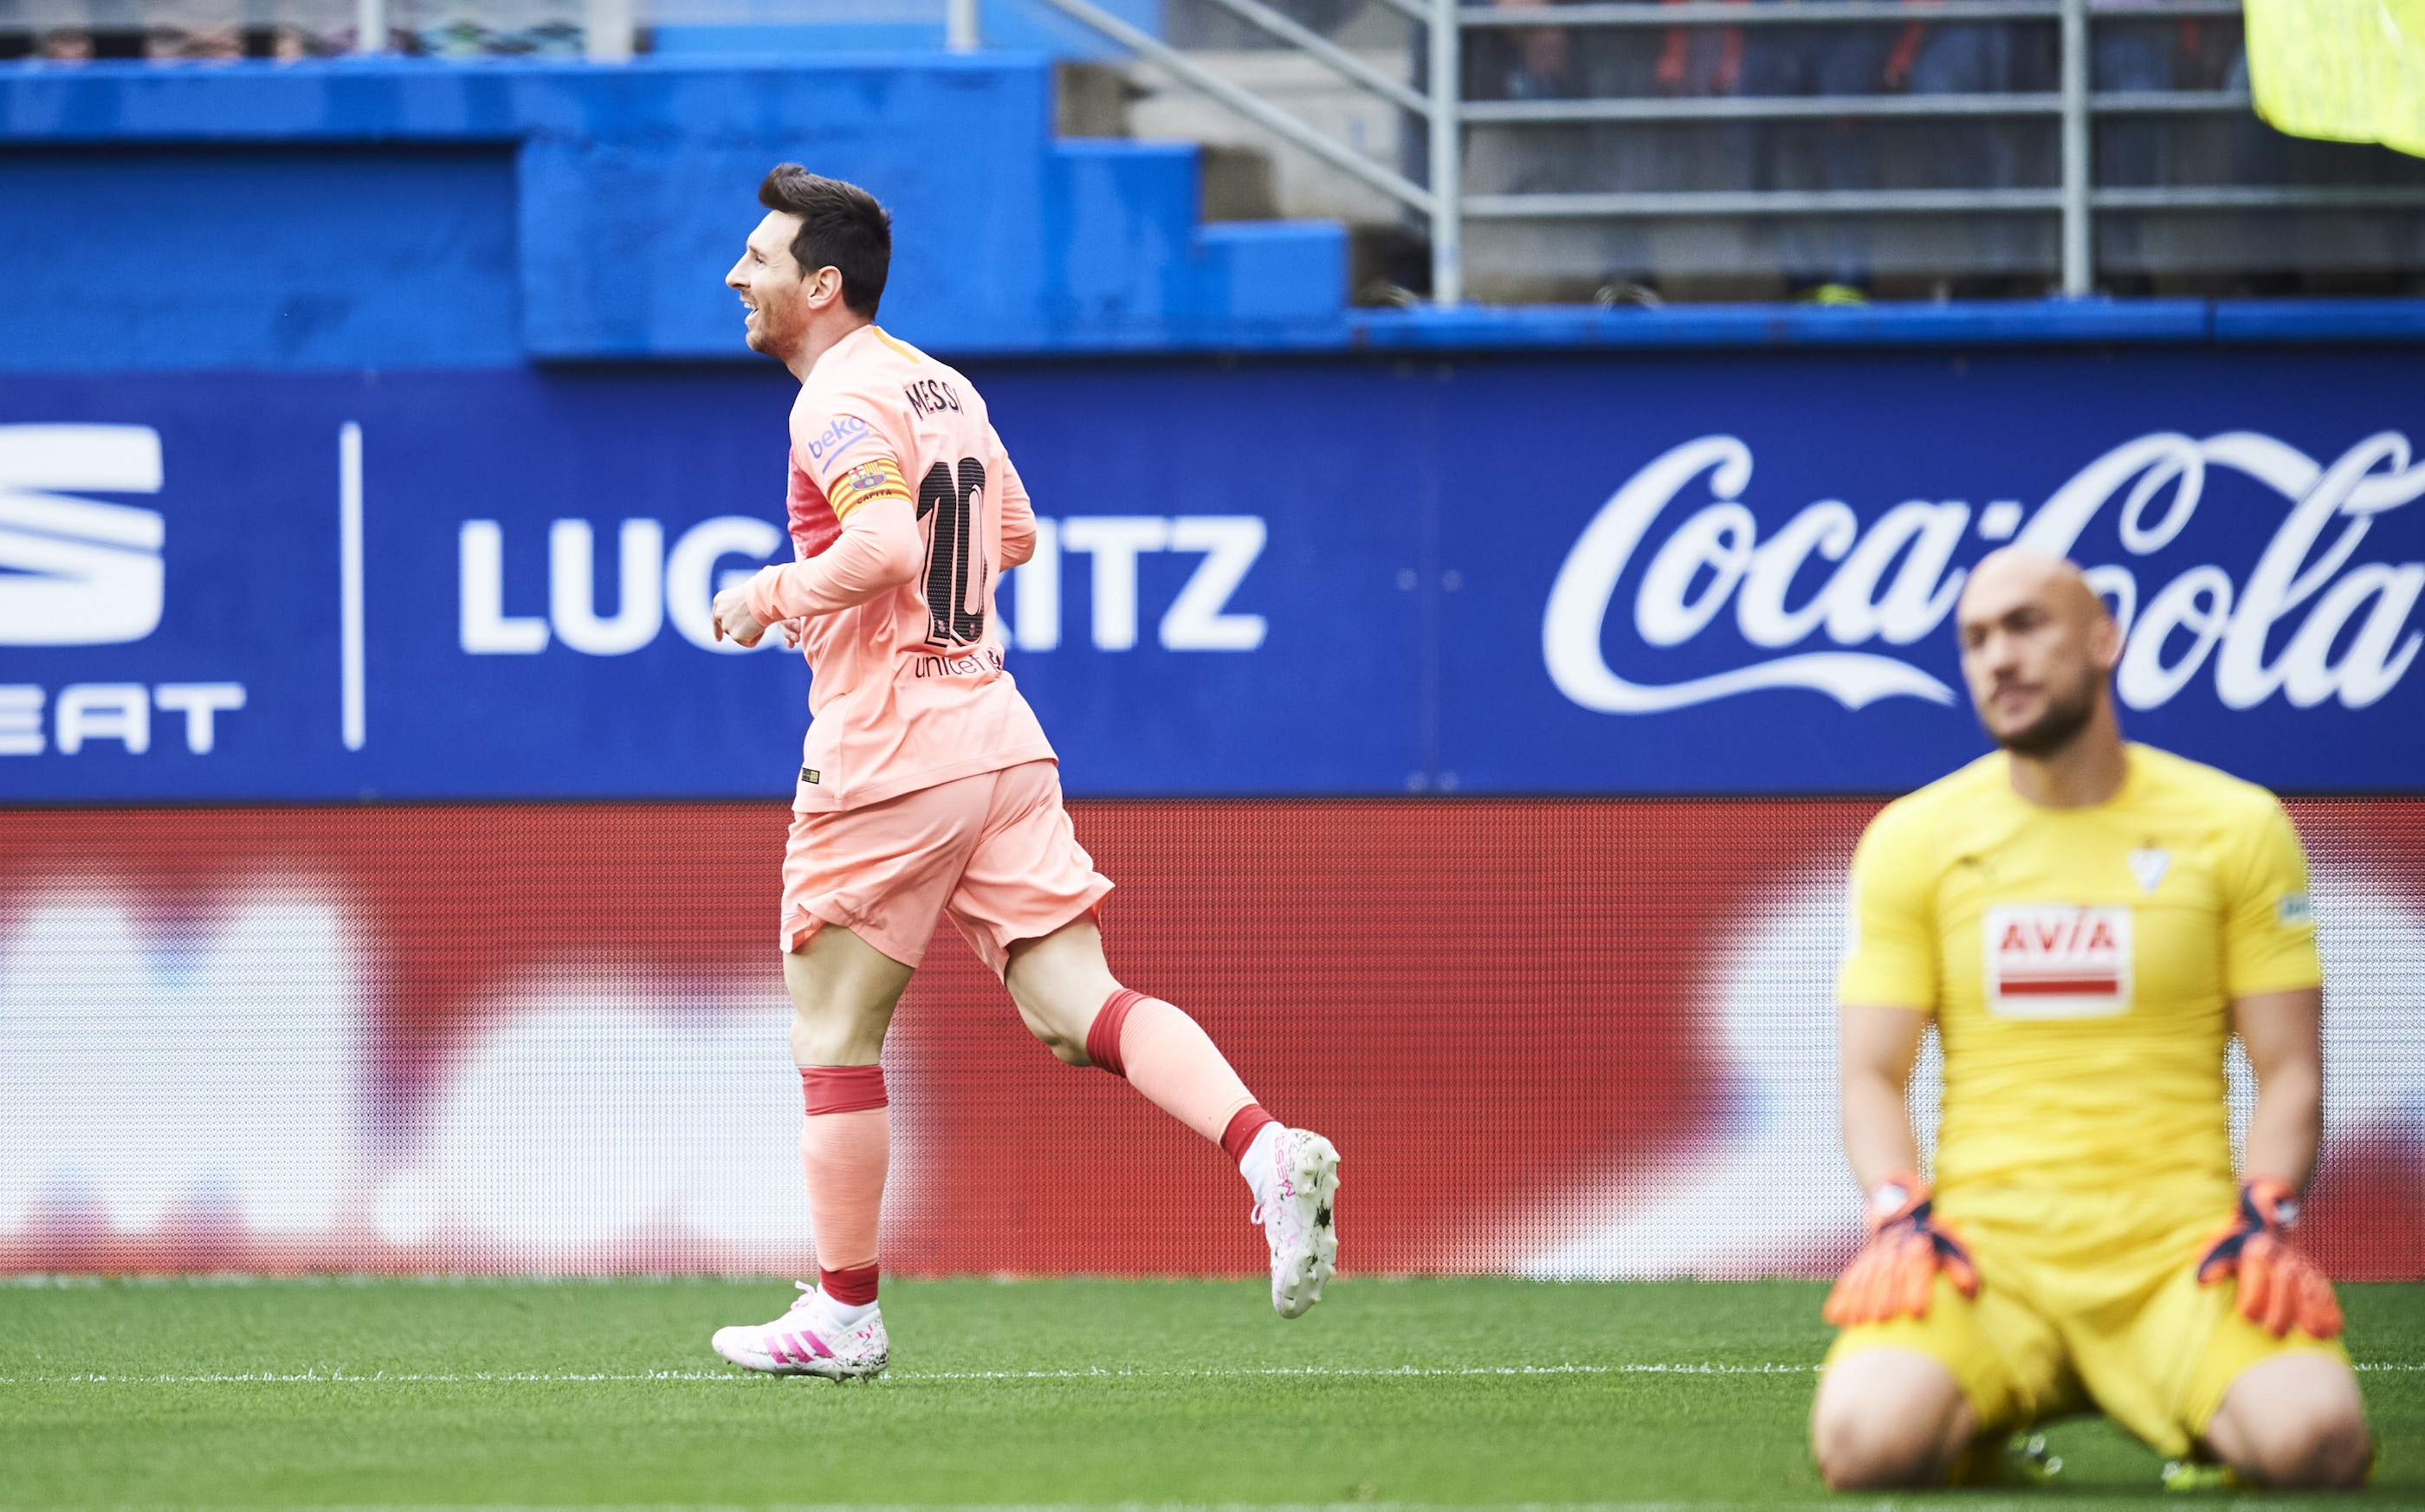 Шампионът Барселона гостува на Ейбар последната среща за сезона в